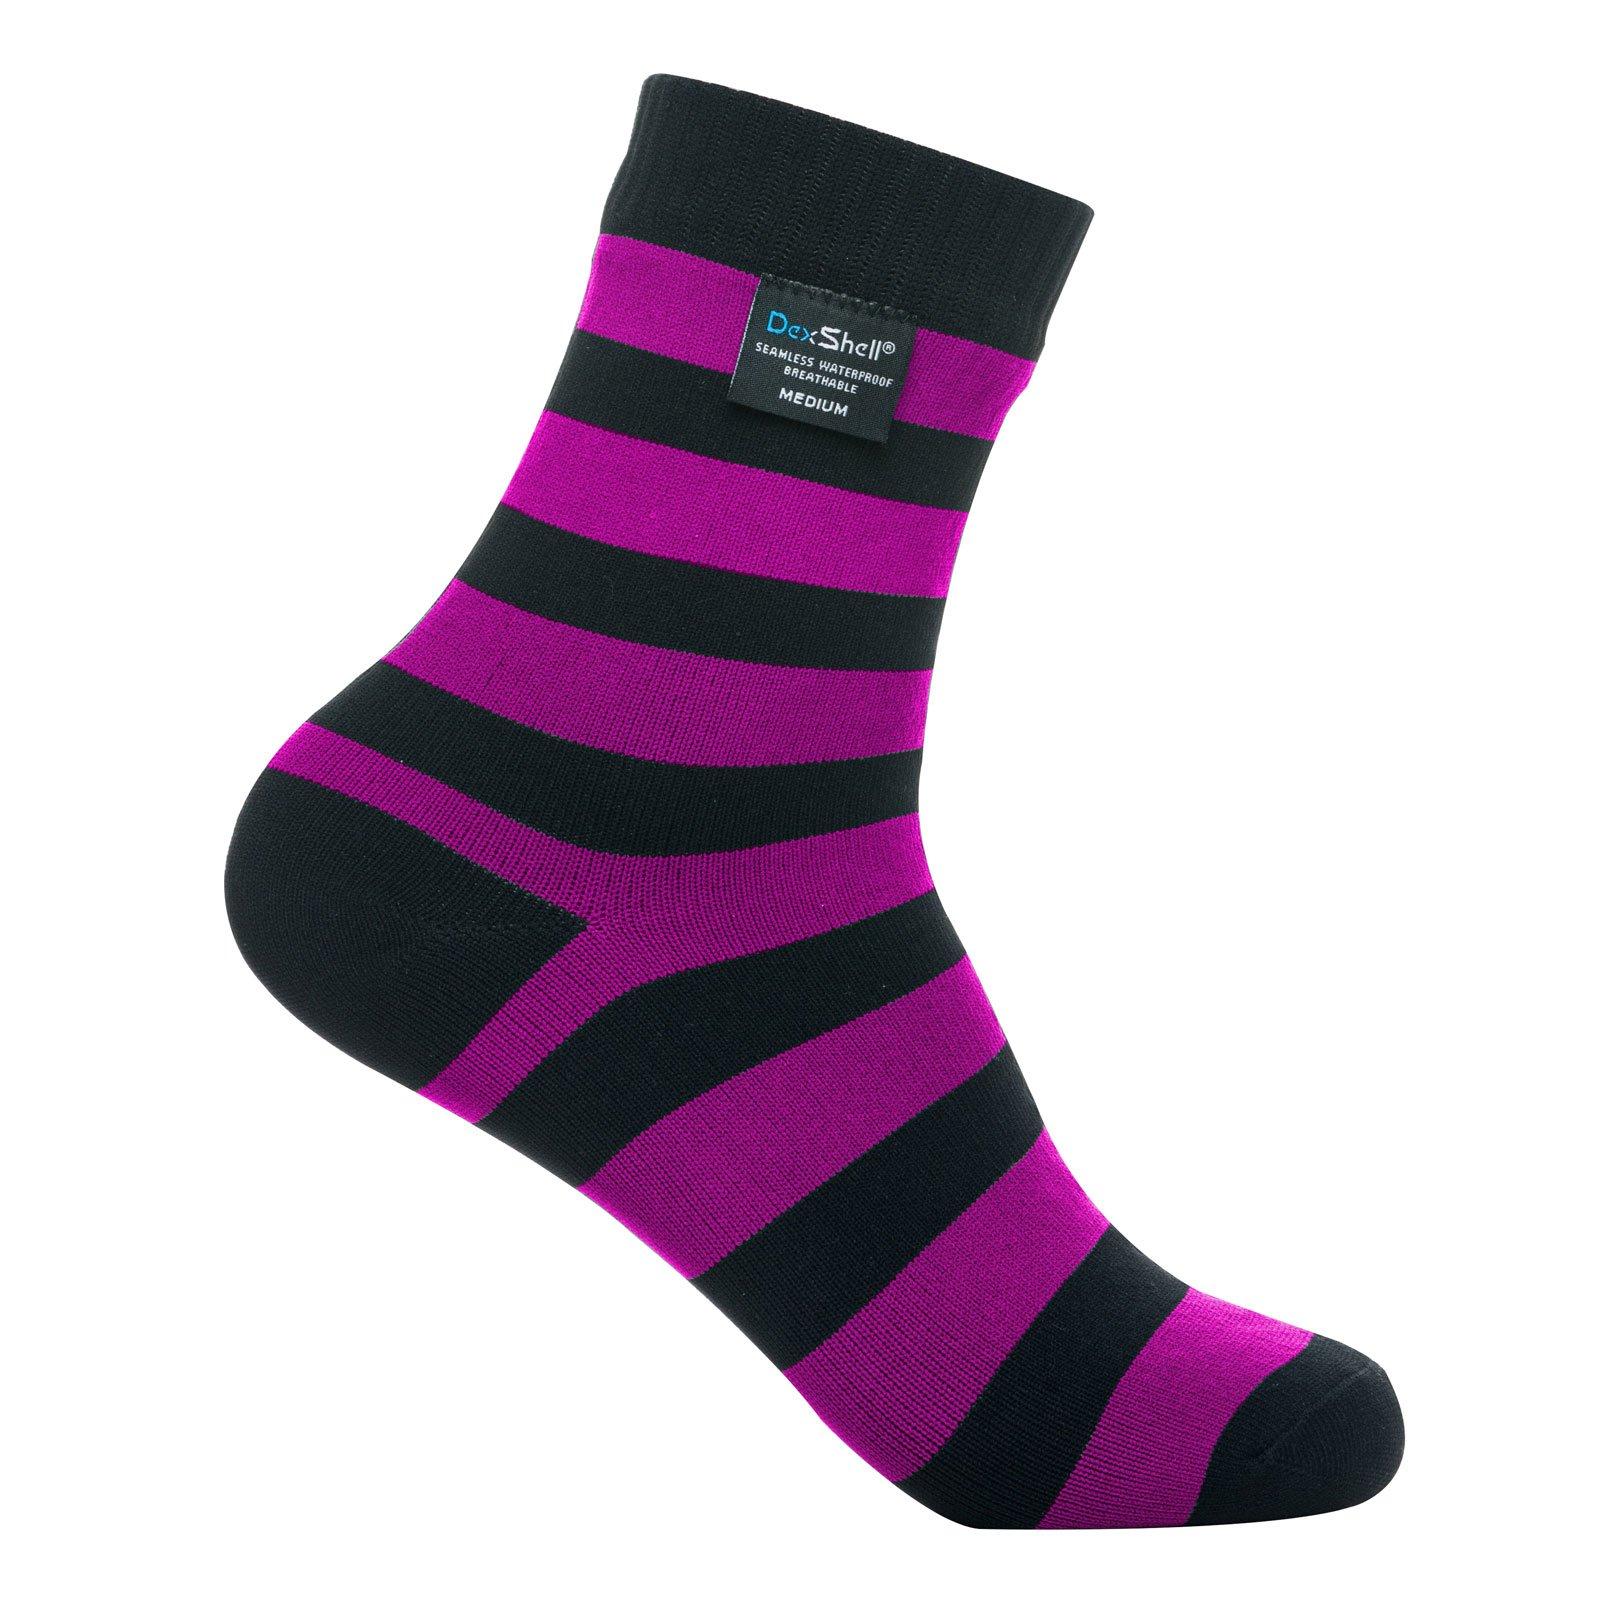 DexShell Ultralite Bamboo Waterproof Socks Pink